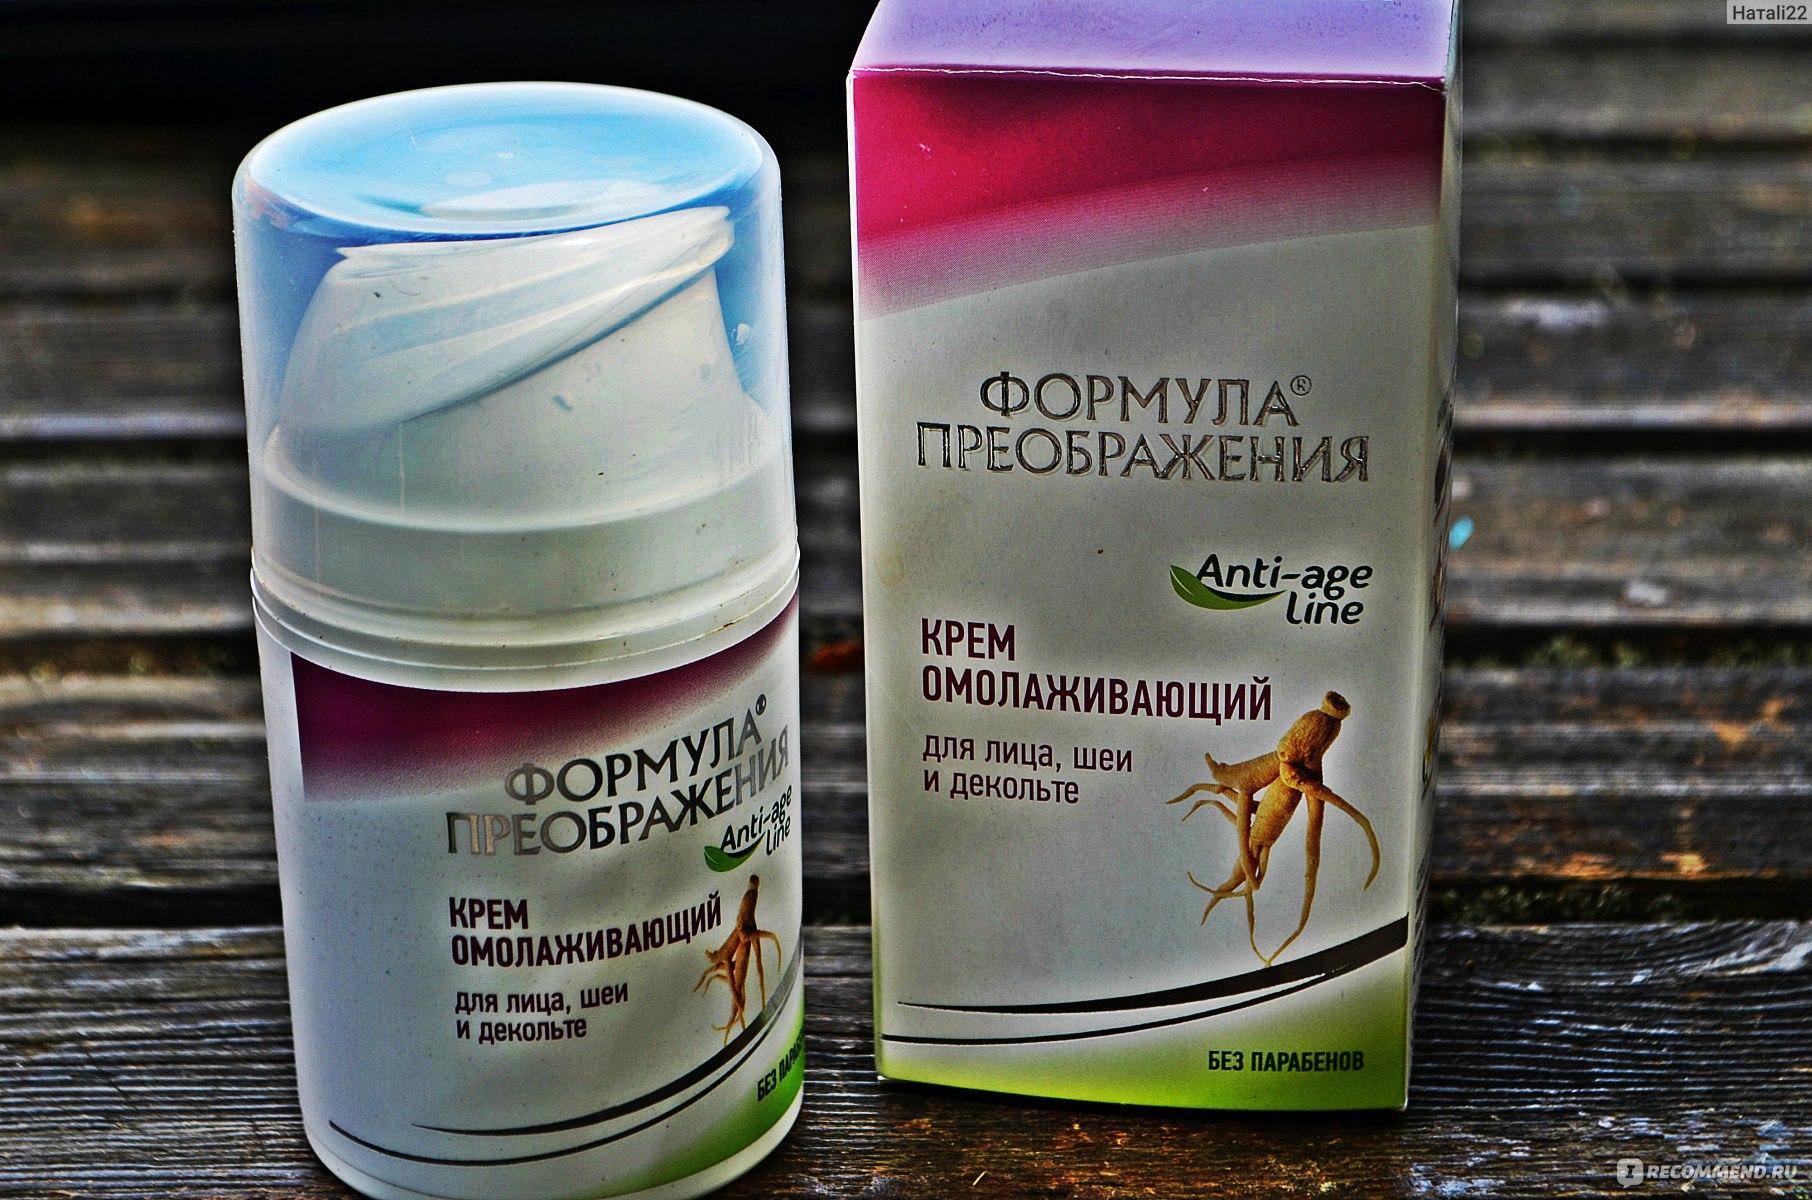 Преображение аптека пептиды бред воздействия стероиды